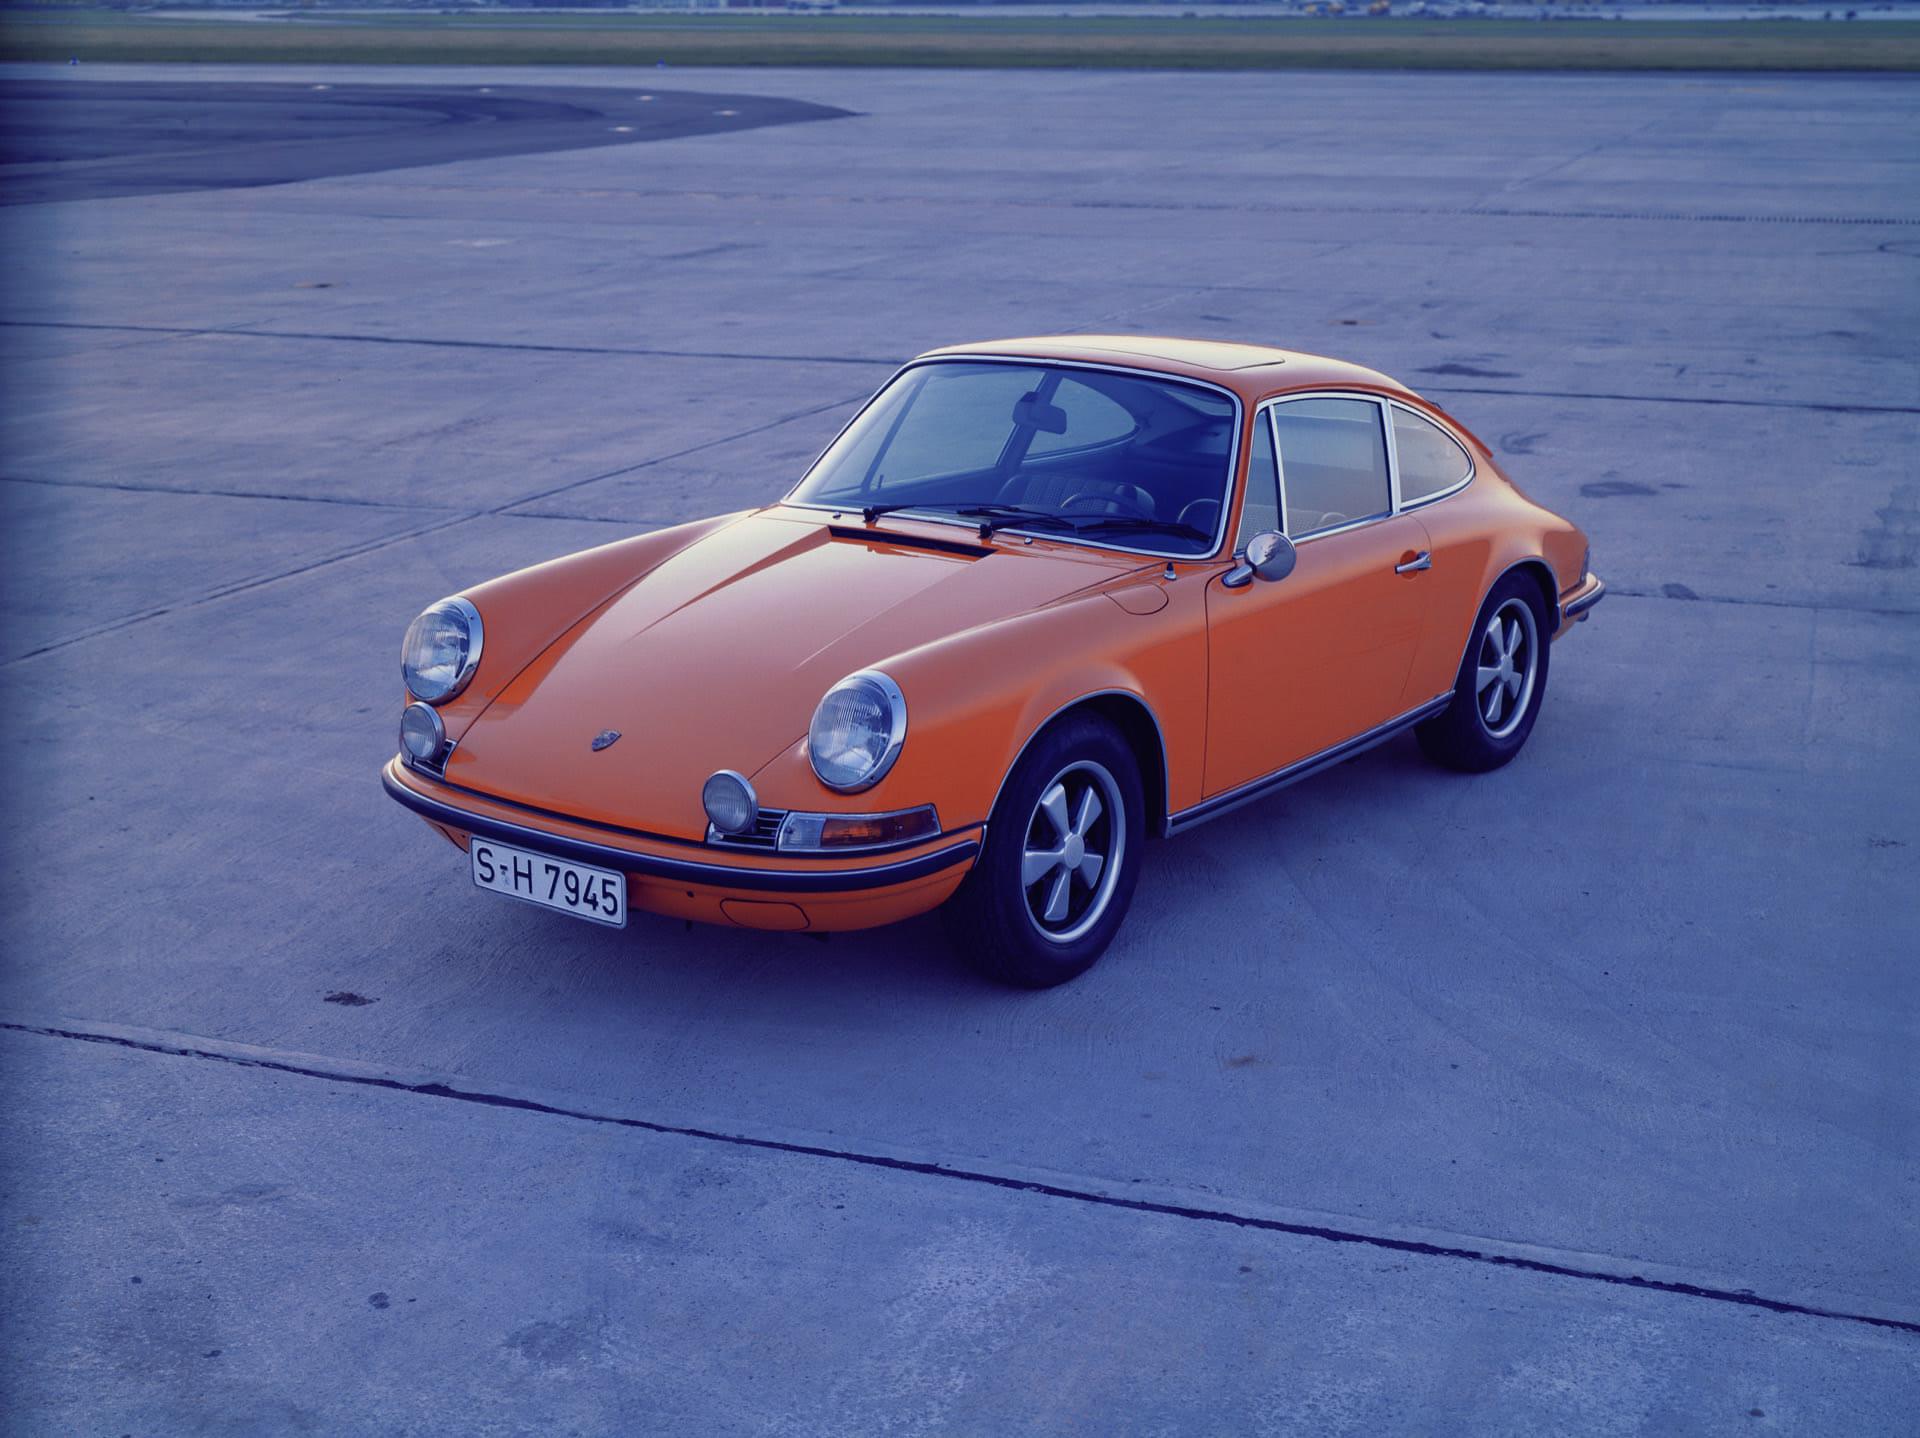 Porsche 911 2 2 Coupe 1970